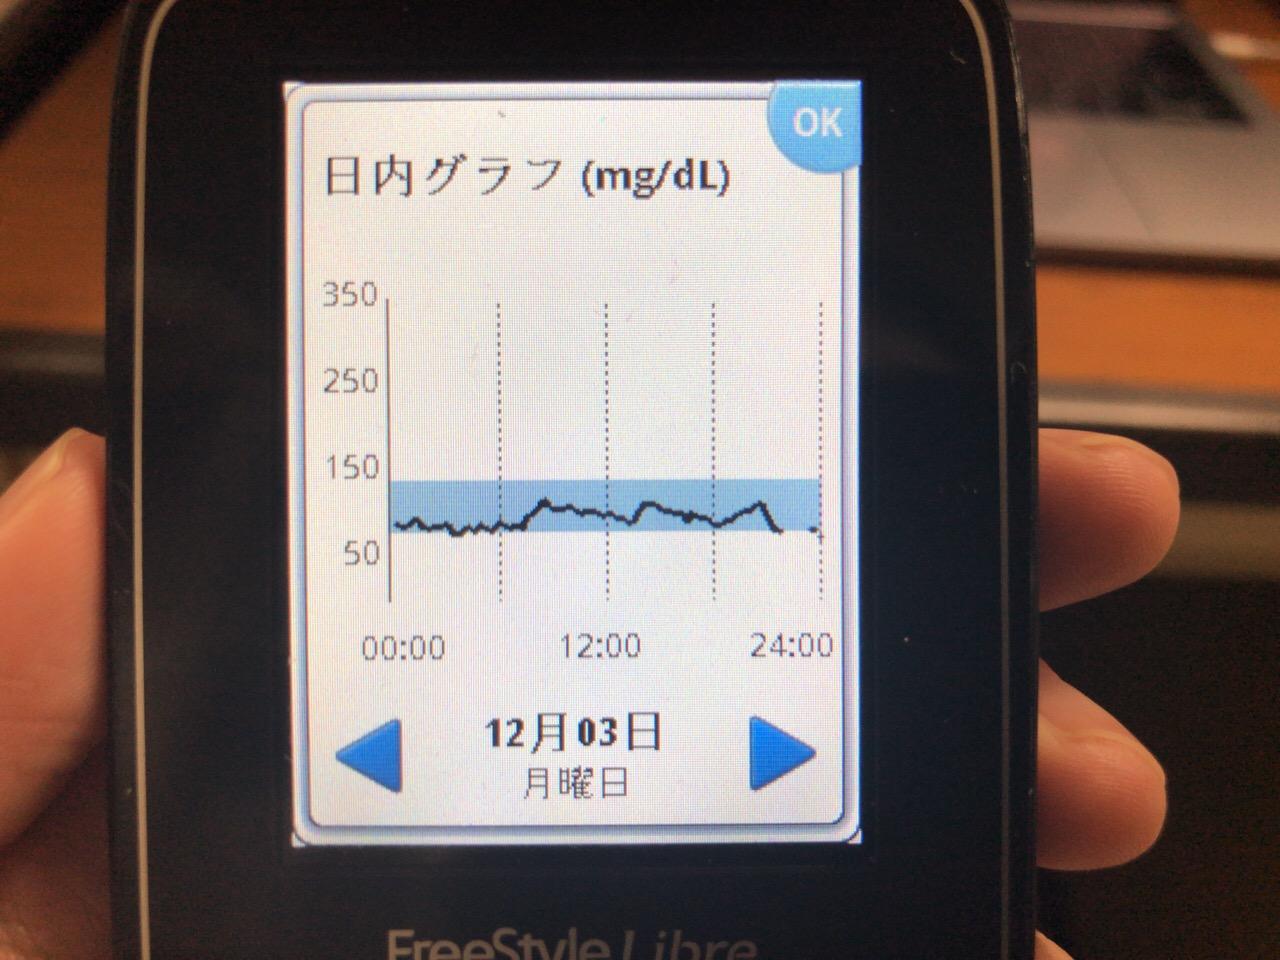 ノー炭水化物デーを達成.たまたま炭水化物の少ない食事で血糖値がほぼ横ばいで推移した1日|糖尿病内科医のフリースタイルリブレ自己血糖記録